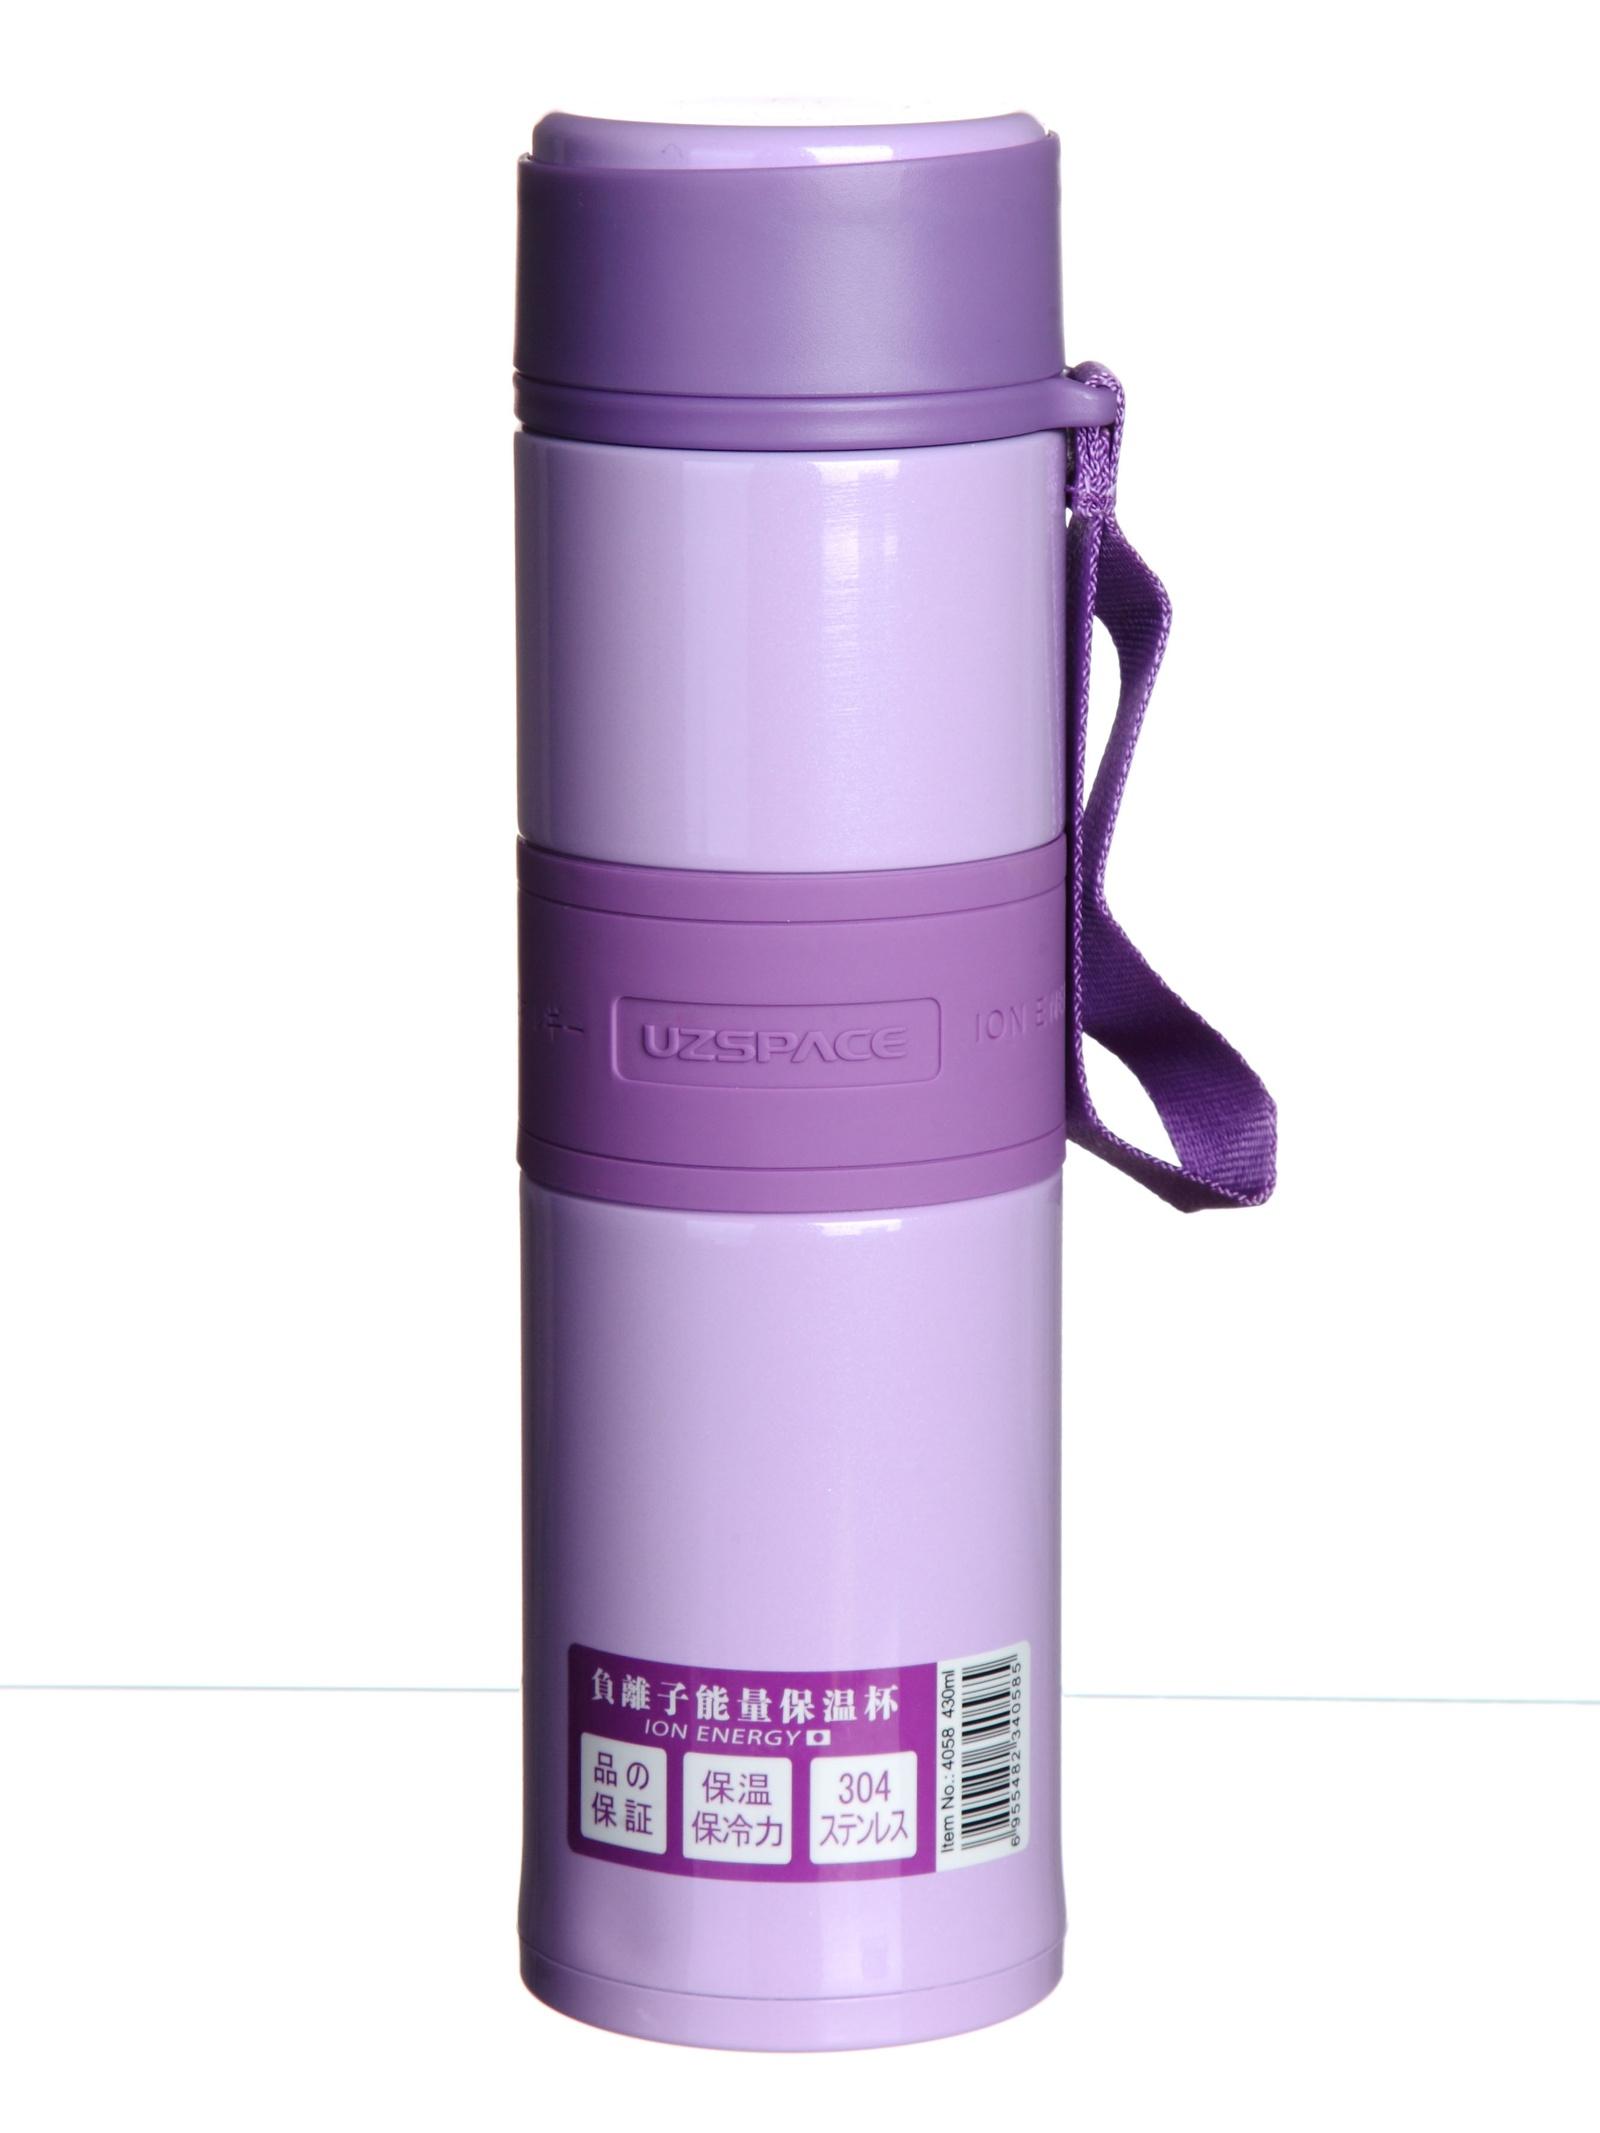 Термос Uzspace, 4058, фиолетовый, 430 мл